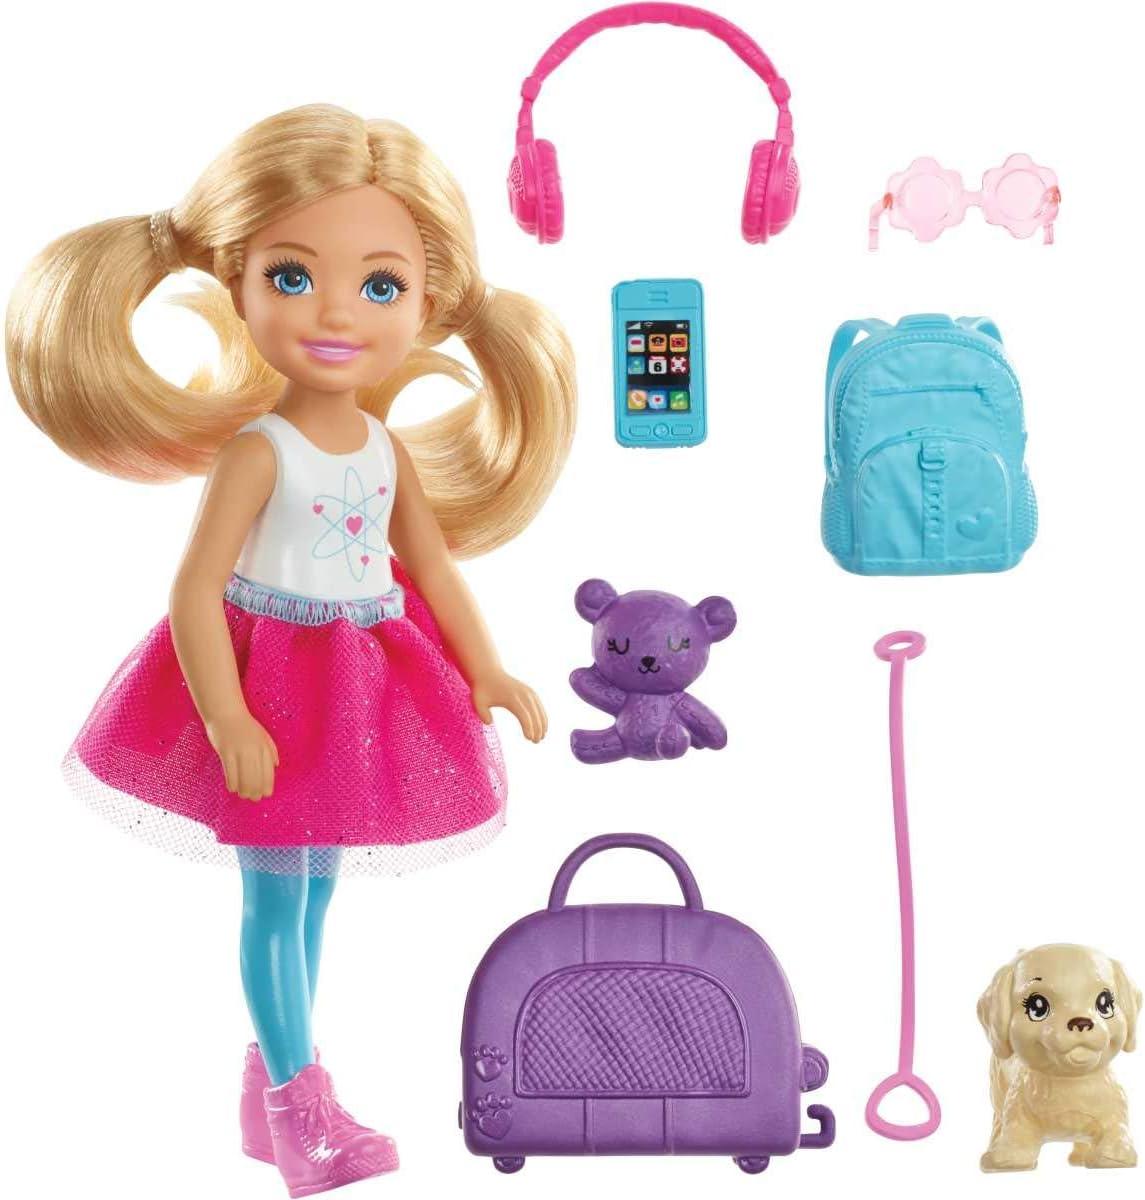 Barbie Chelsea Vamos de viaje con perrito, muñeca con accesorios, regalo para niñas y niños 3-9 años (Mattel FWV20)